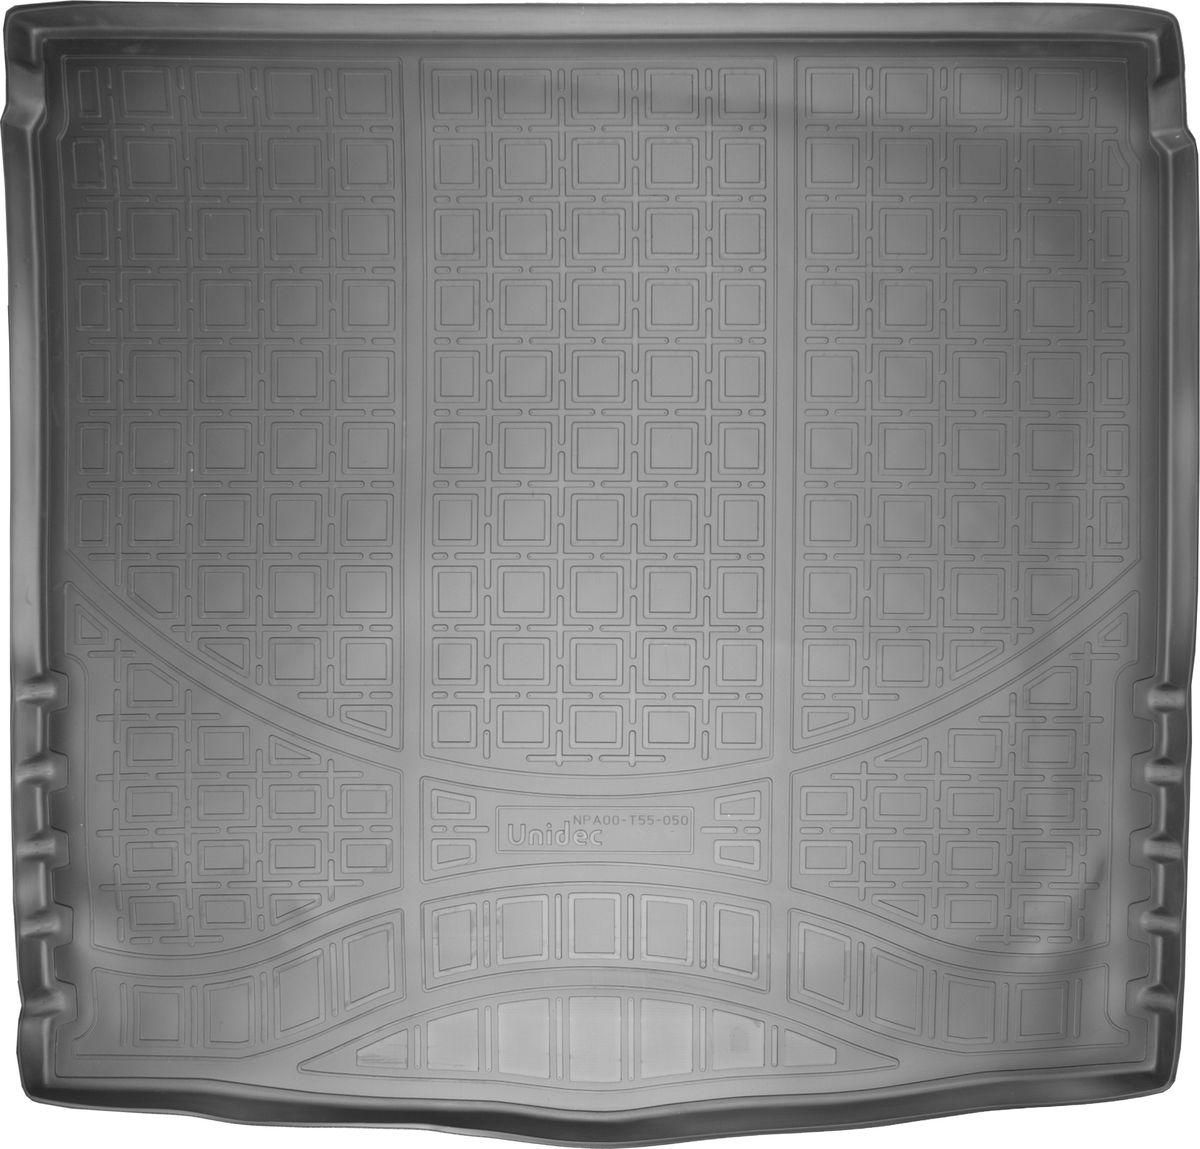 Ковер автомобильный NorPlast, в багажник, для Mazda 3, 2013-2015, полиуретан. NPA00-T55-050NPA00-T55-050Прочные и долговечные коврики в салон автомобиля NorPlast, изготовленный из высококачественного и экологичного сырья, полностью повторяет геометрию салона автомобиля. - Надежная система крепления, позволяющая закрепить коврик на штатные элементы фиксации, в результате чего отсутствует эффект скольжения по салону автомобиля. - Высокая стойкость поверхности к стиранию. - Специализированный рисунок и высокий борт, препятствующие распространению грязи и жидкости по поверхности коврика. - Перемычка задних ковриков в комплекте предотвращает загрязнение тоннеля карданного вала. - Произведены из первичных материалов, в результате чего отсутствует неприятный запах в салоне автомобиля. - Высокая эластичность, можно беспрепятственно эксплуатировать при температуре от -45°C до +45°C.